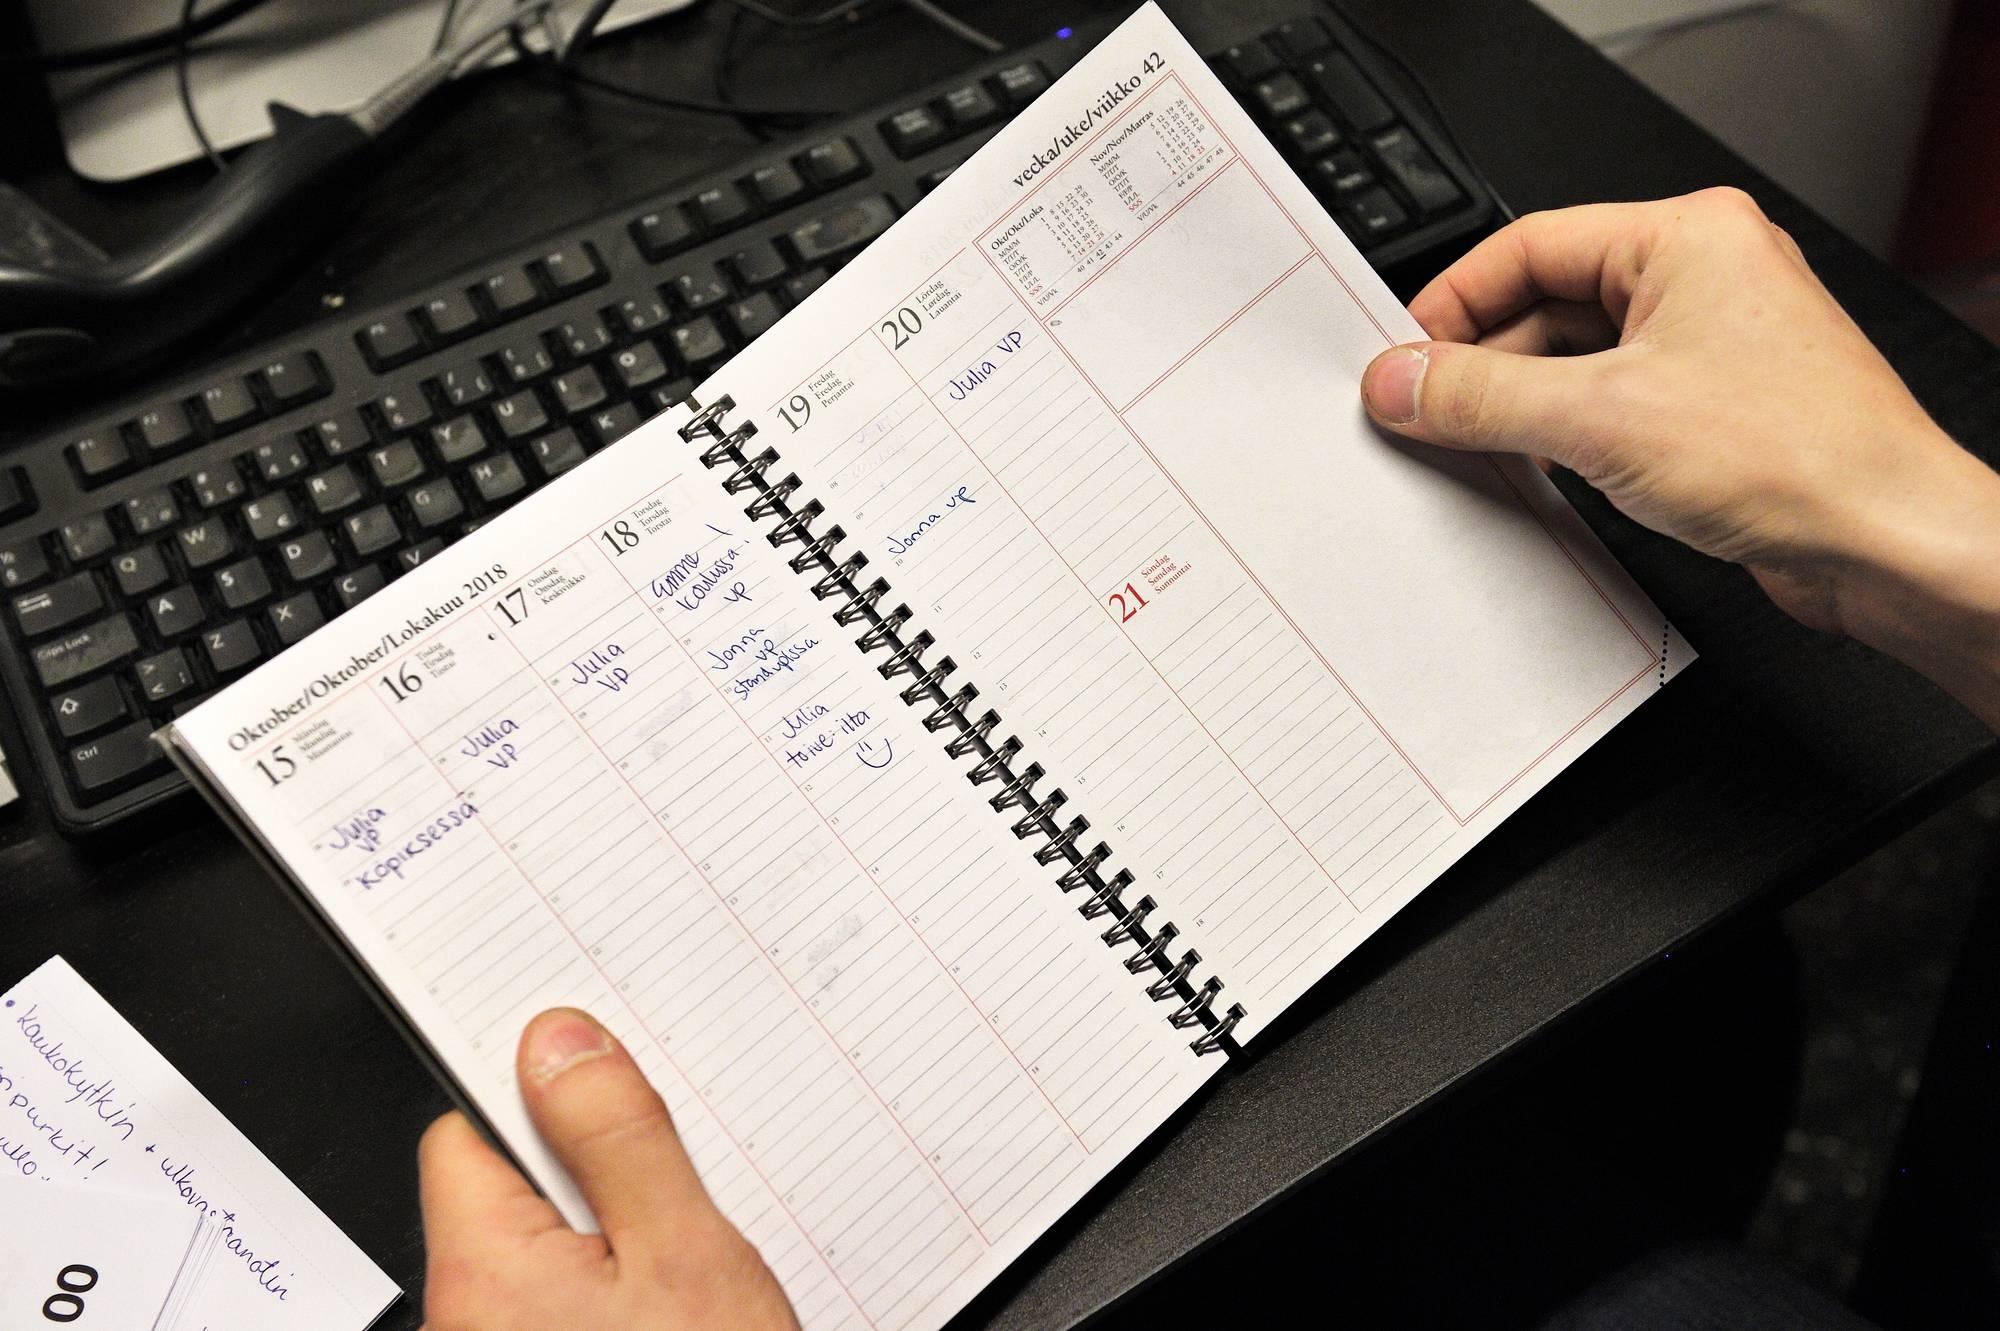 Hämeenlinnan Clas Ohlsonissa kukin työntekijä merkitsee vapaapäivätoiveensa toimistohuoneen kalenteriin. Kuva: Harri Nurminen